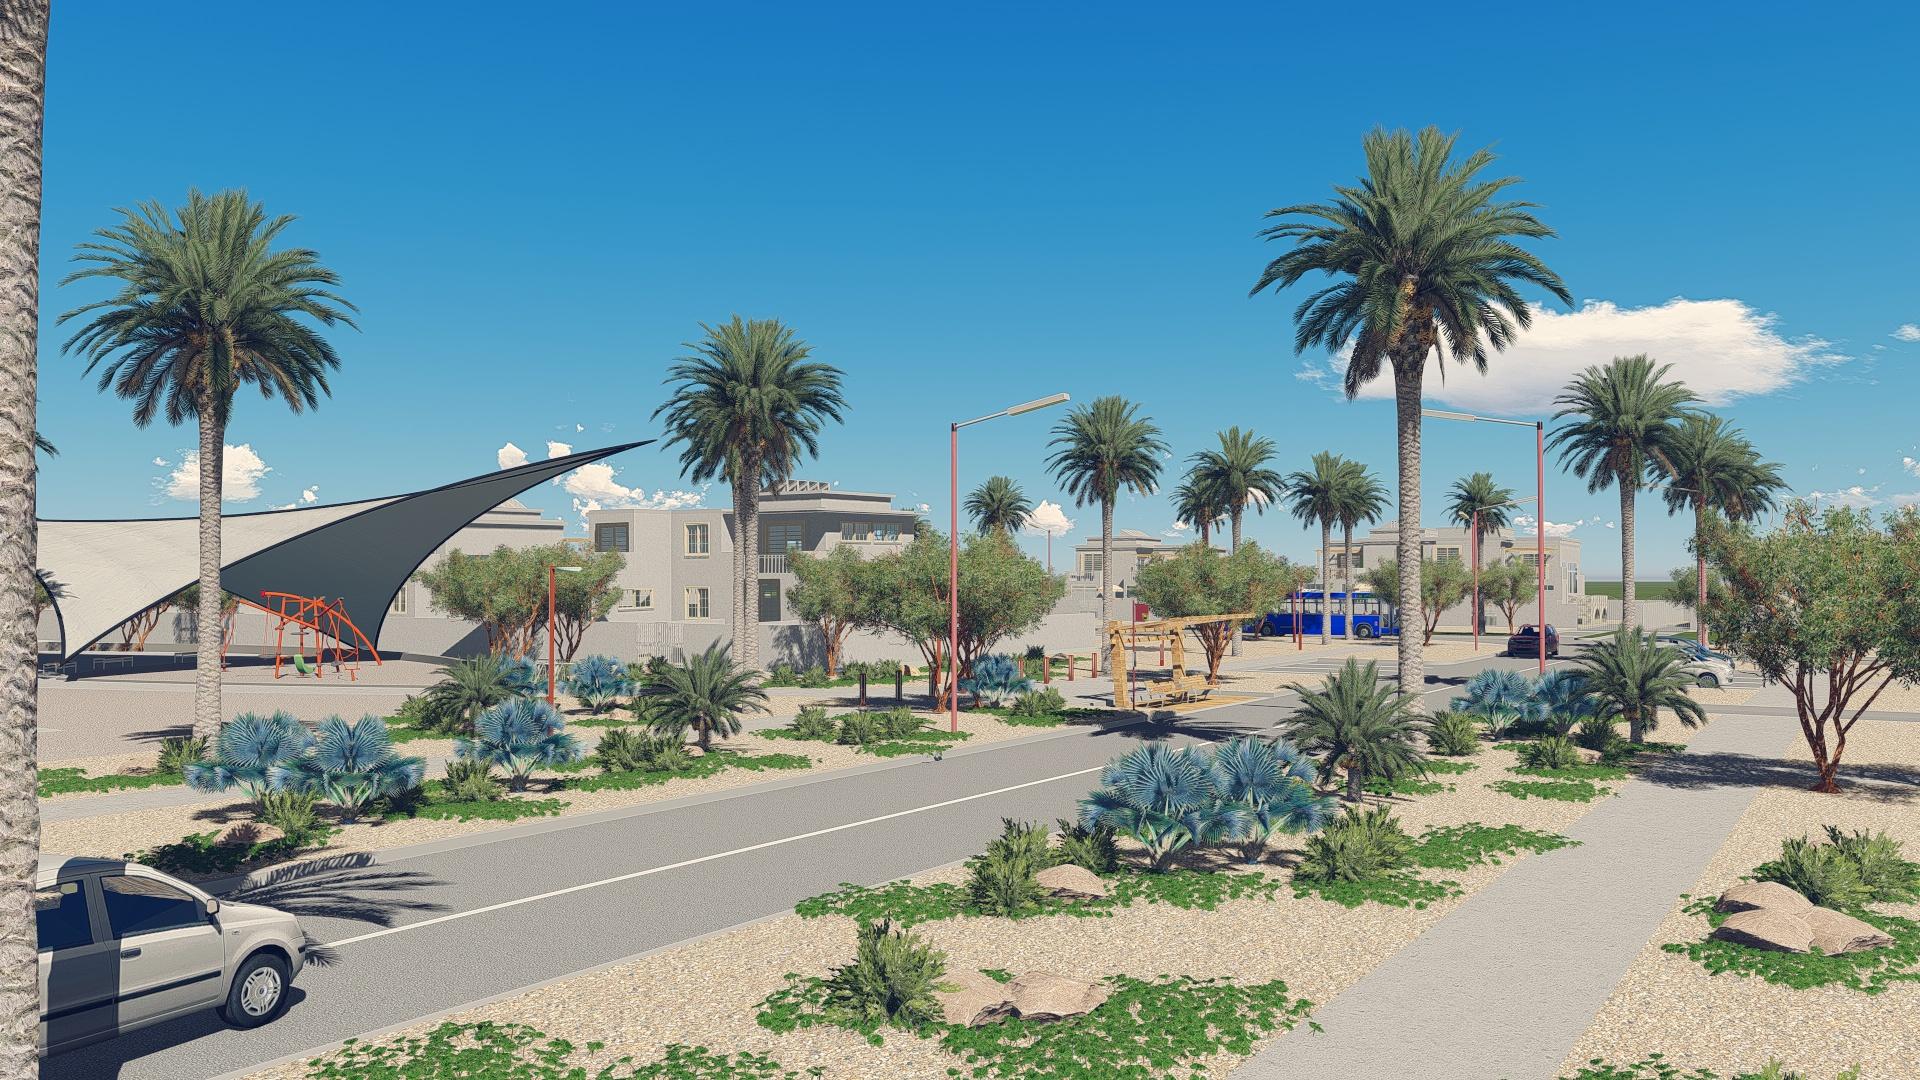 KSAB villa rendering